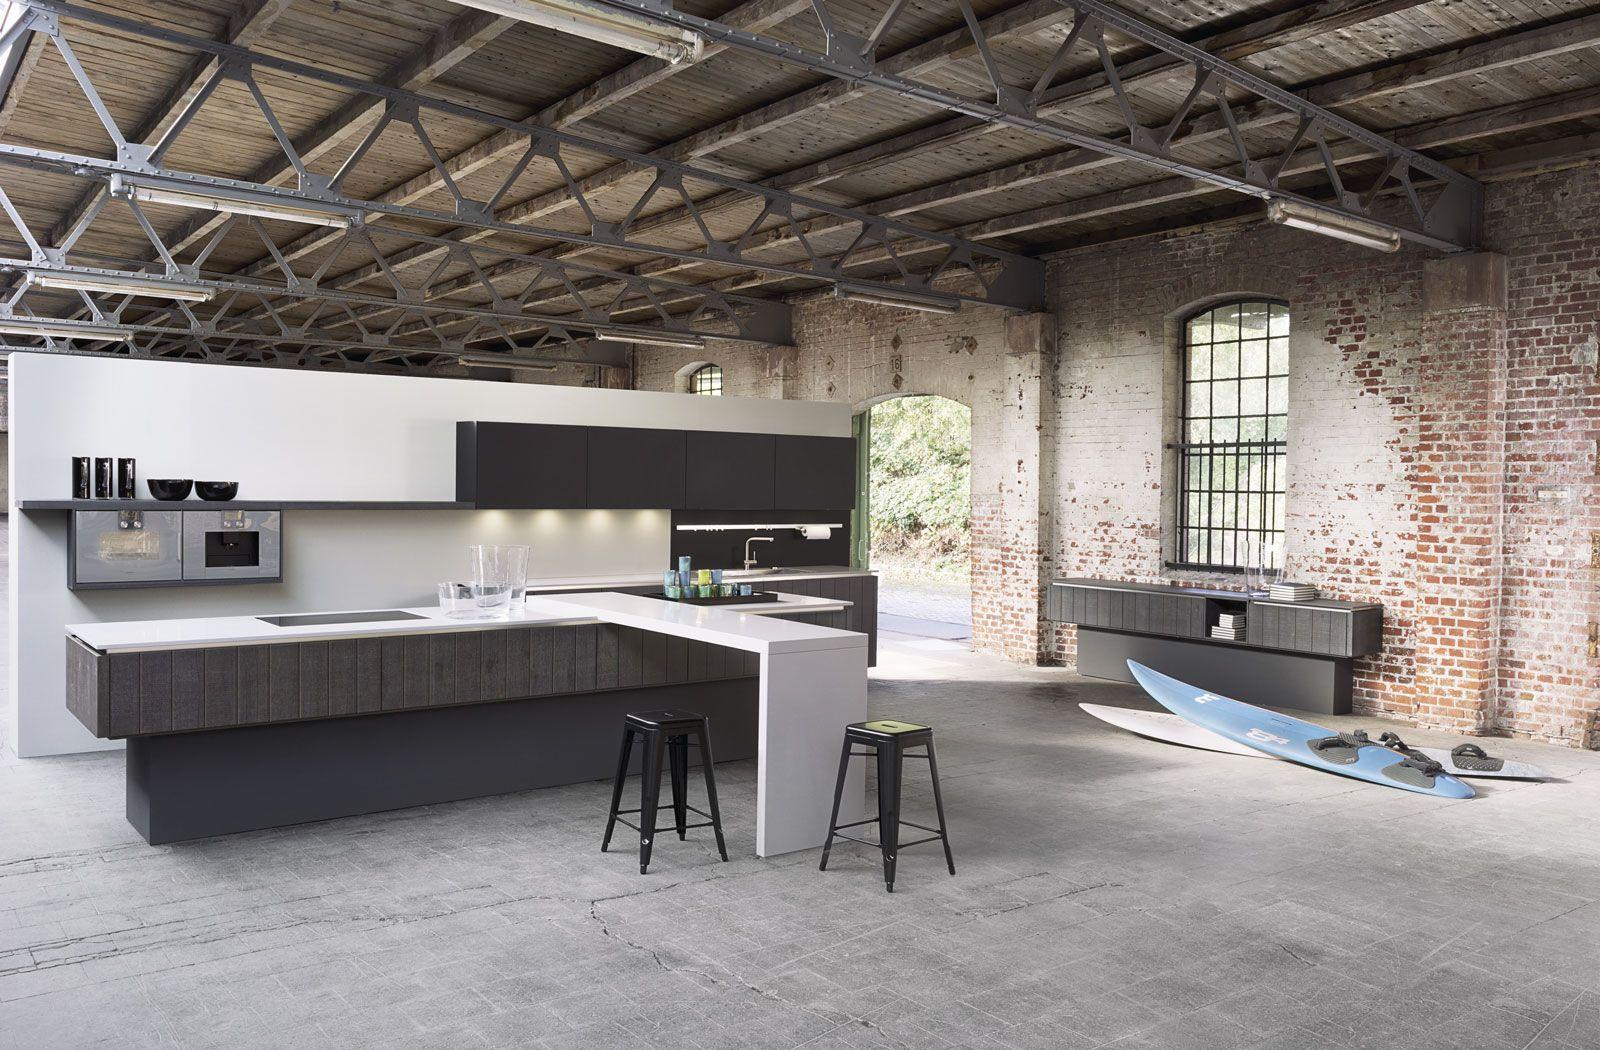 Häcker Küchen Hamburg 6021 gl silbereiche furnier häcker küchen häcker küchen